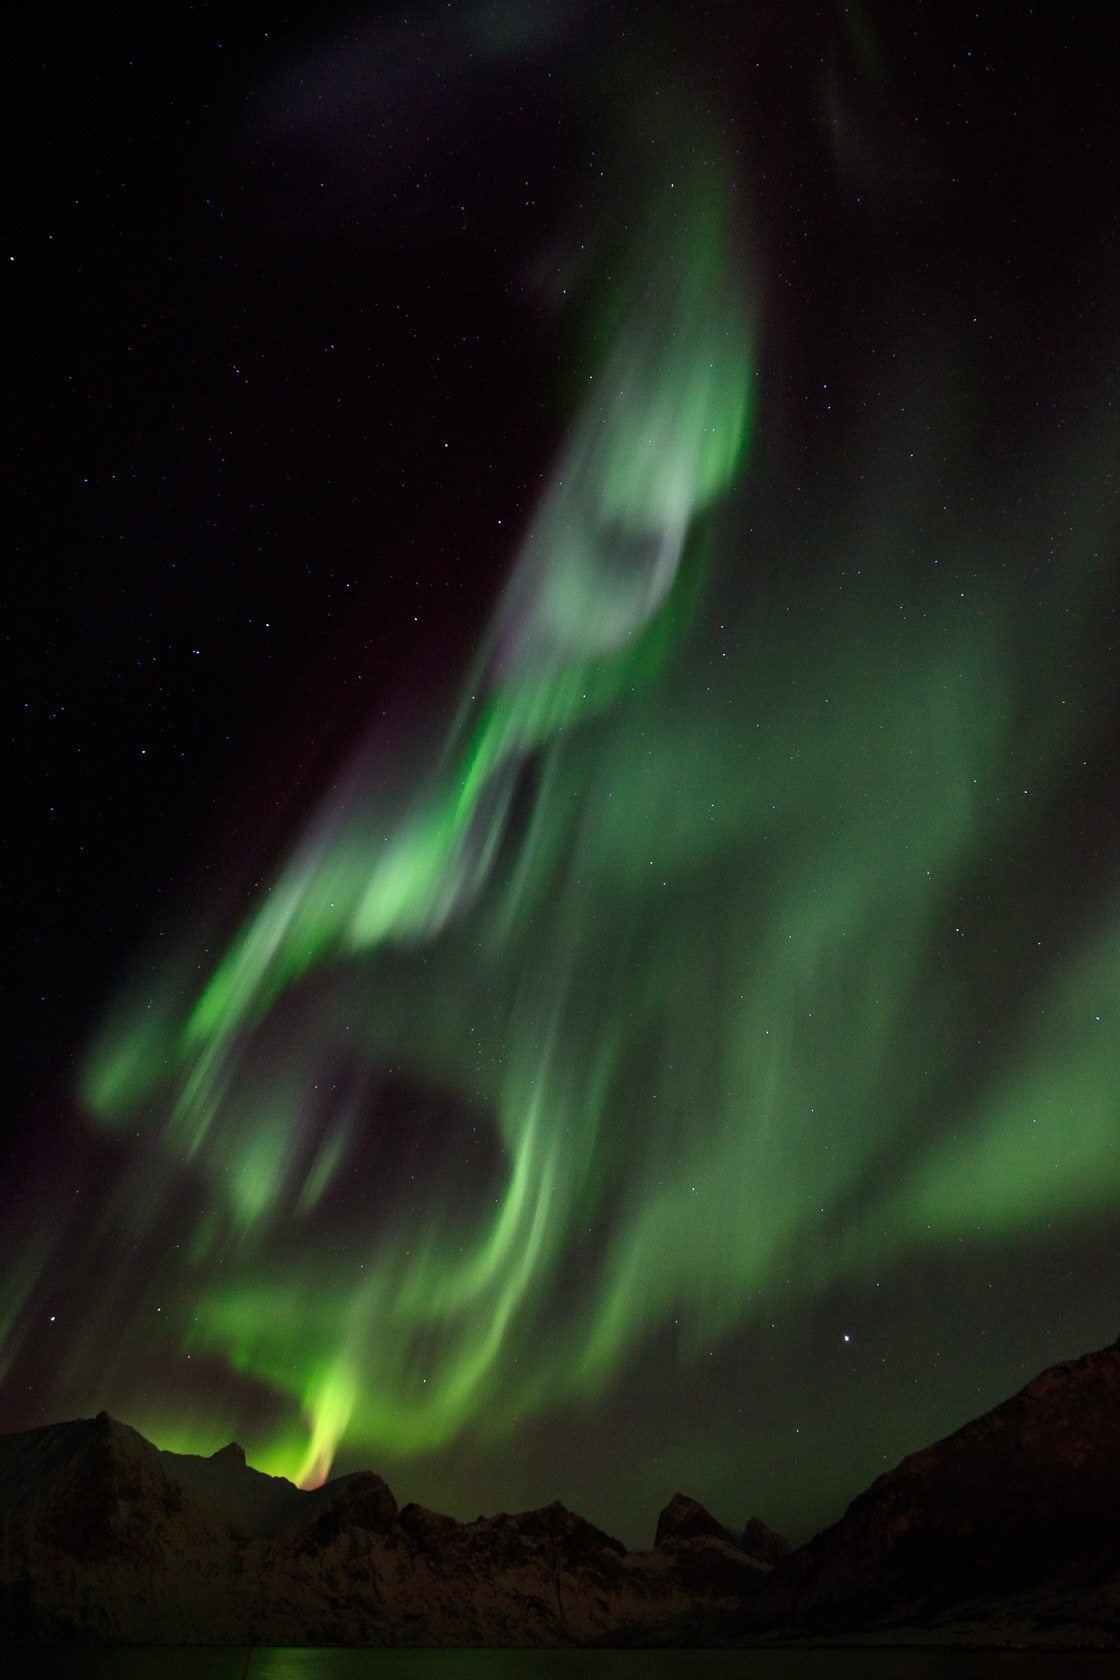 aurores boréales pendant un voyage photo à Senja, dans la région de Tromsø, en Norvège